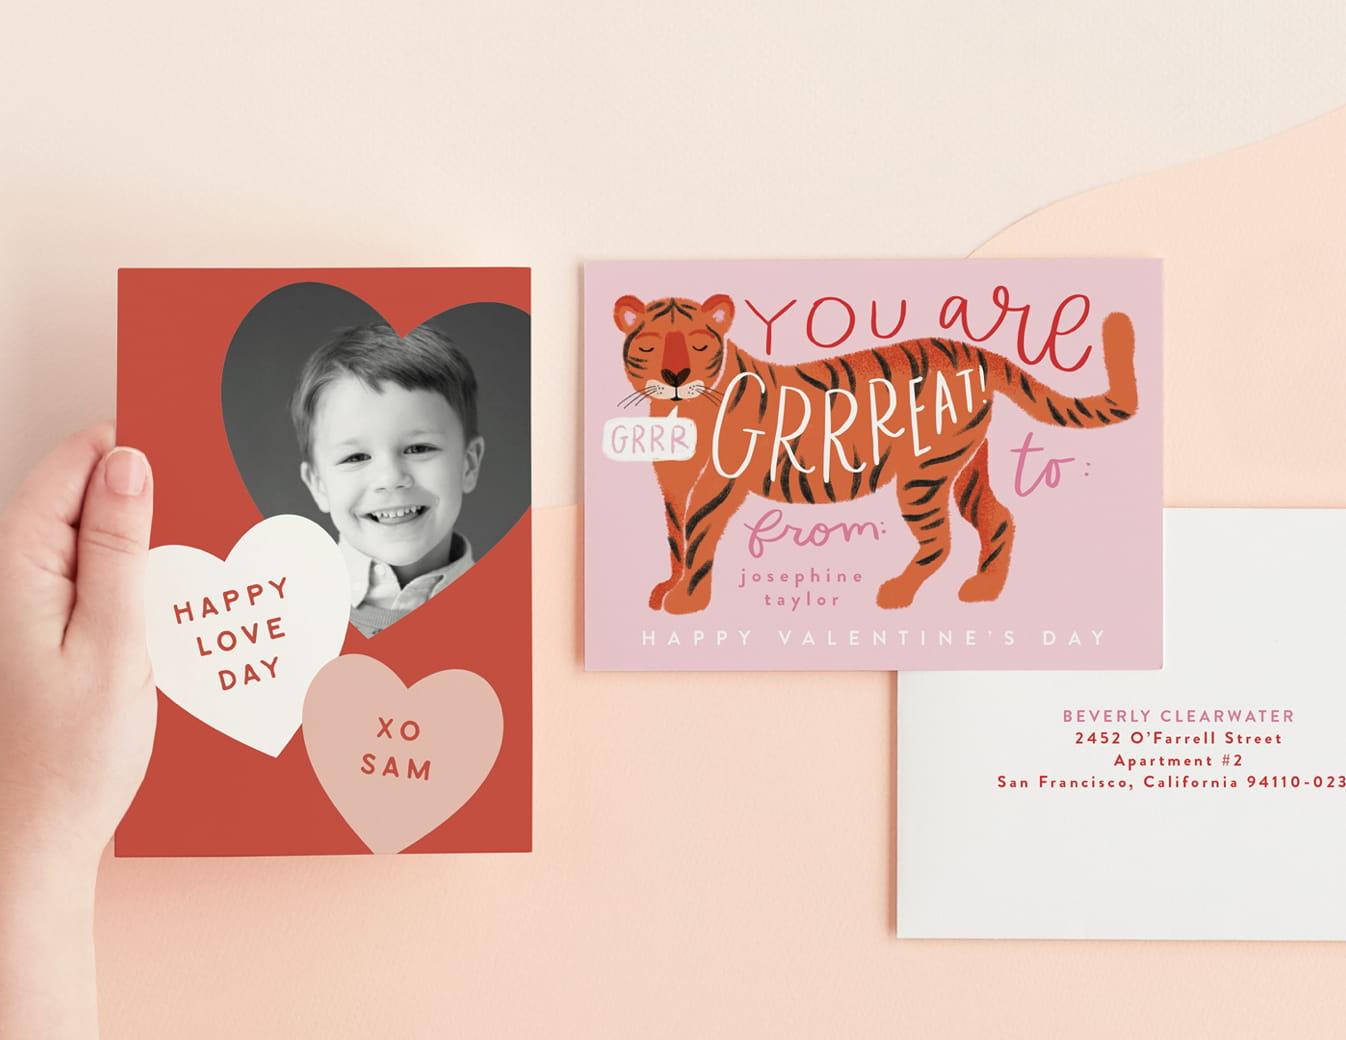 Children's classroom valentines